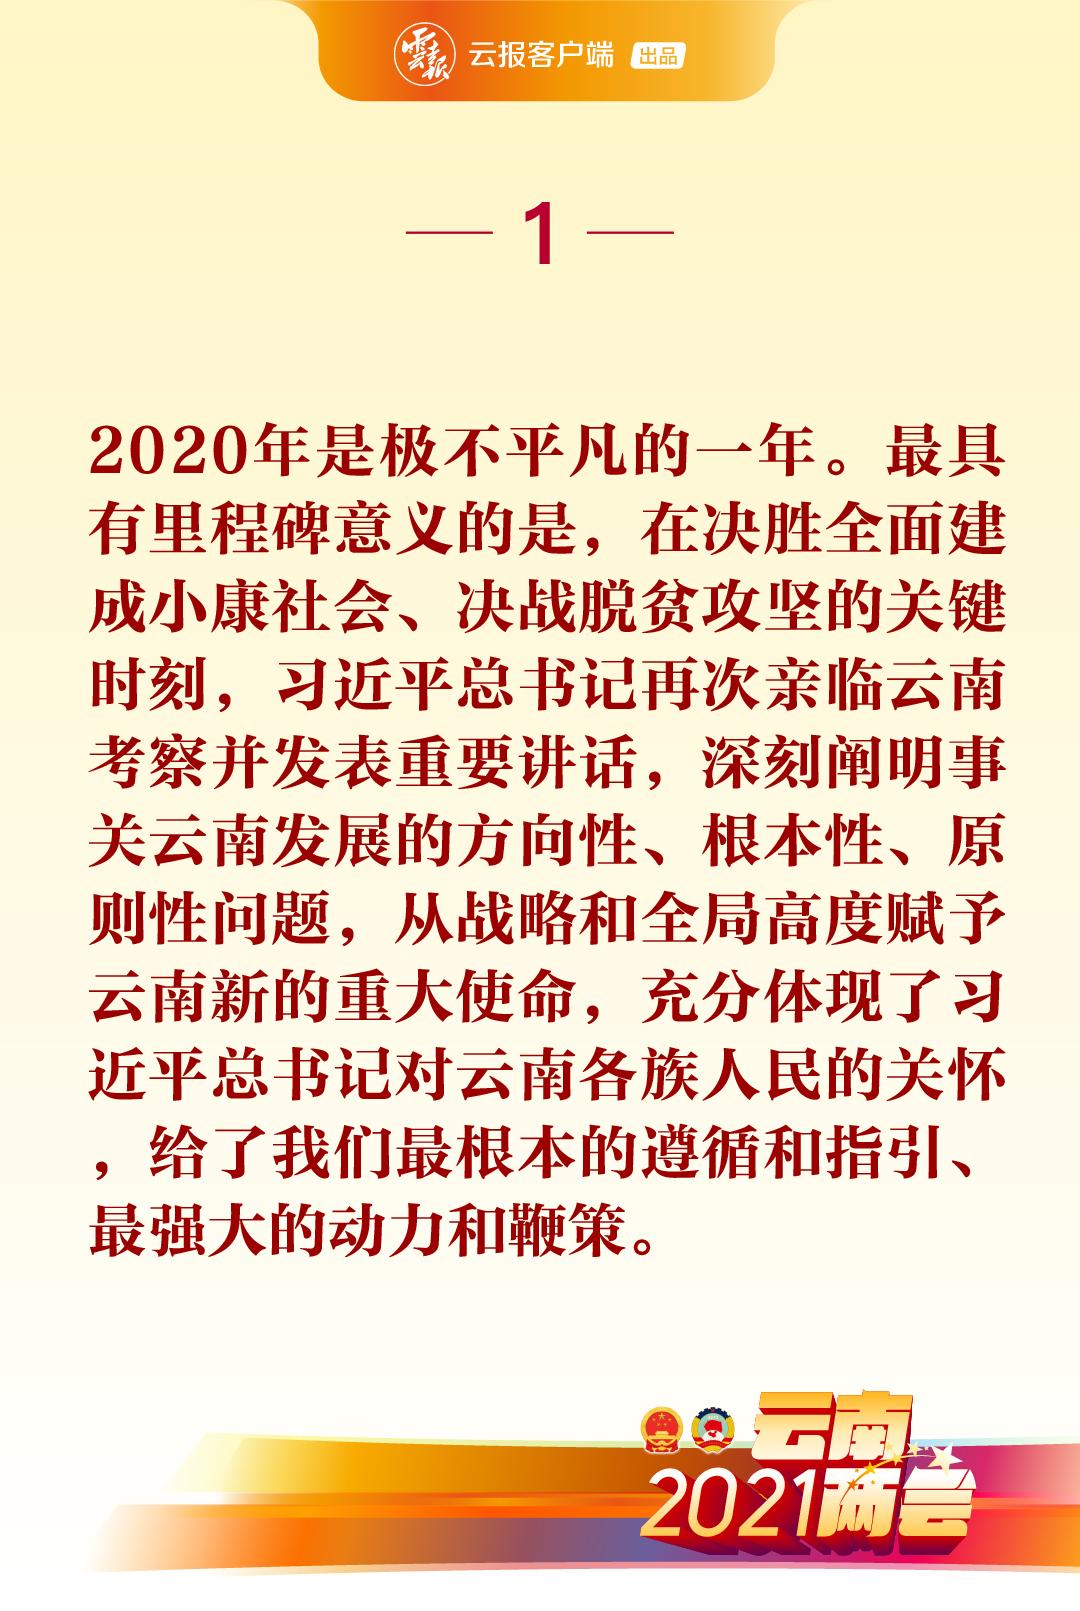 今天,云南代省长这10句话,提士气!暖人心!2.jpg